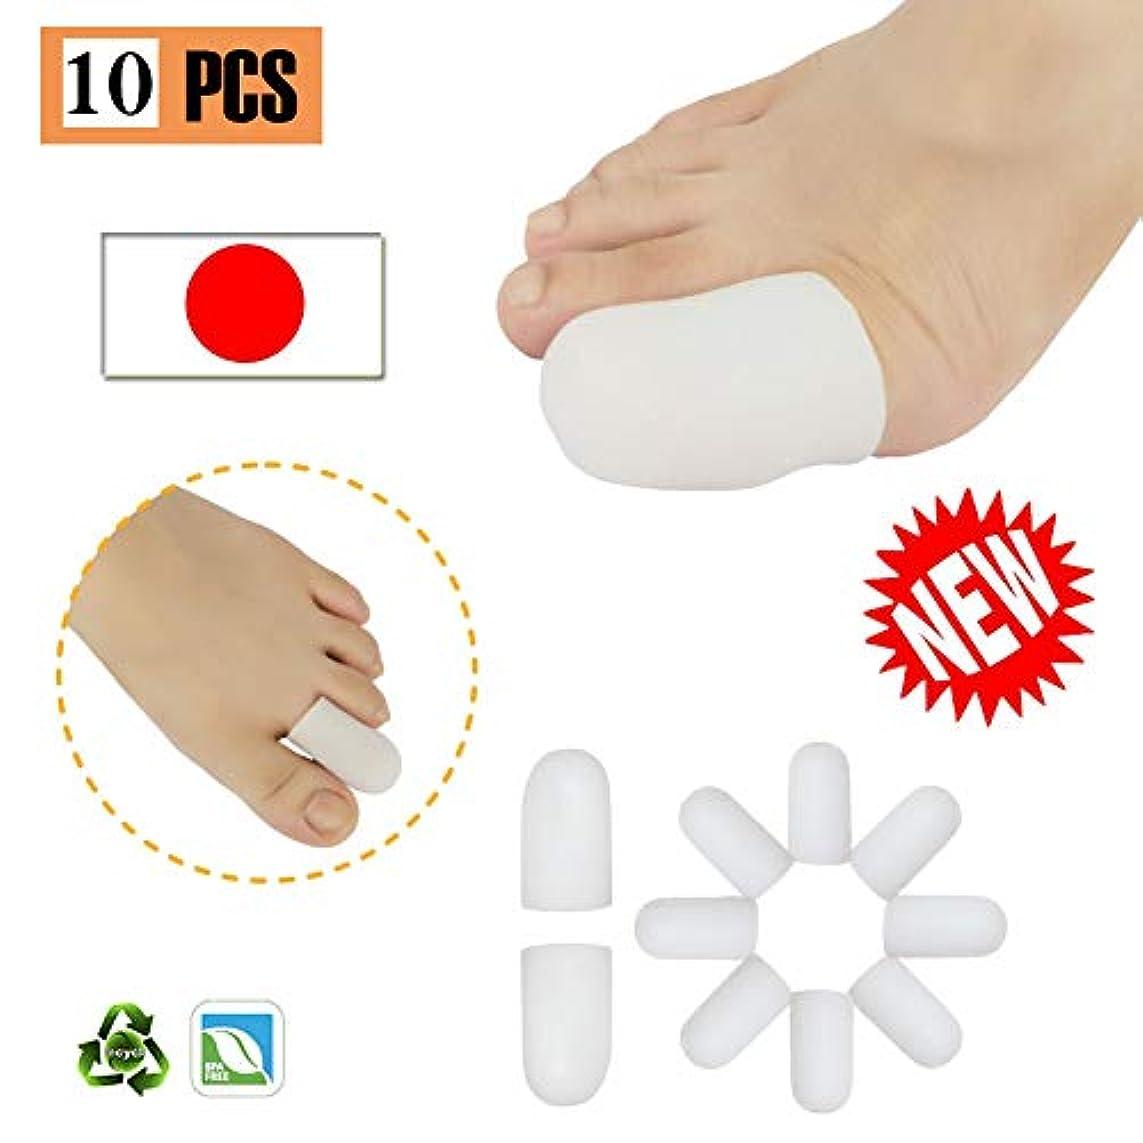 しなやか溶けた略奪Pnrskter ジェル 足指 キャップ プロテクター 水疱用、つま先保護摩擦疼痛緩和10個入り